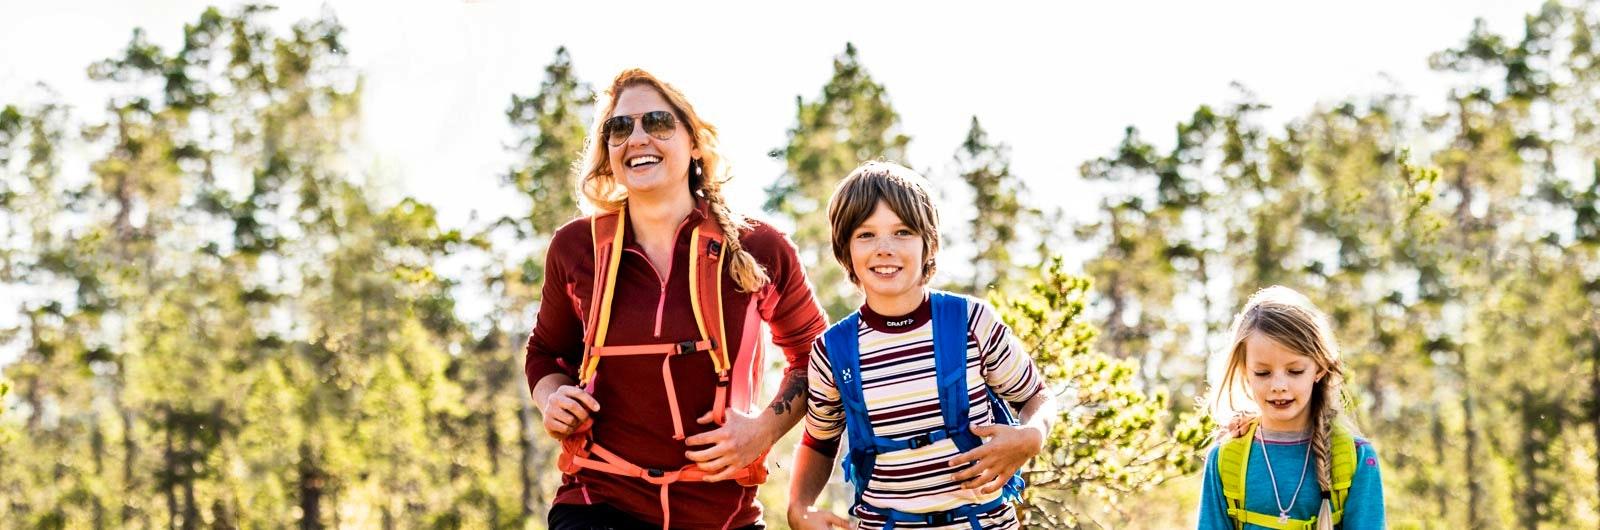 Familj på vandring i skogen